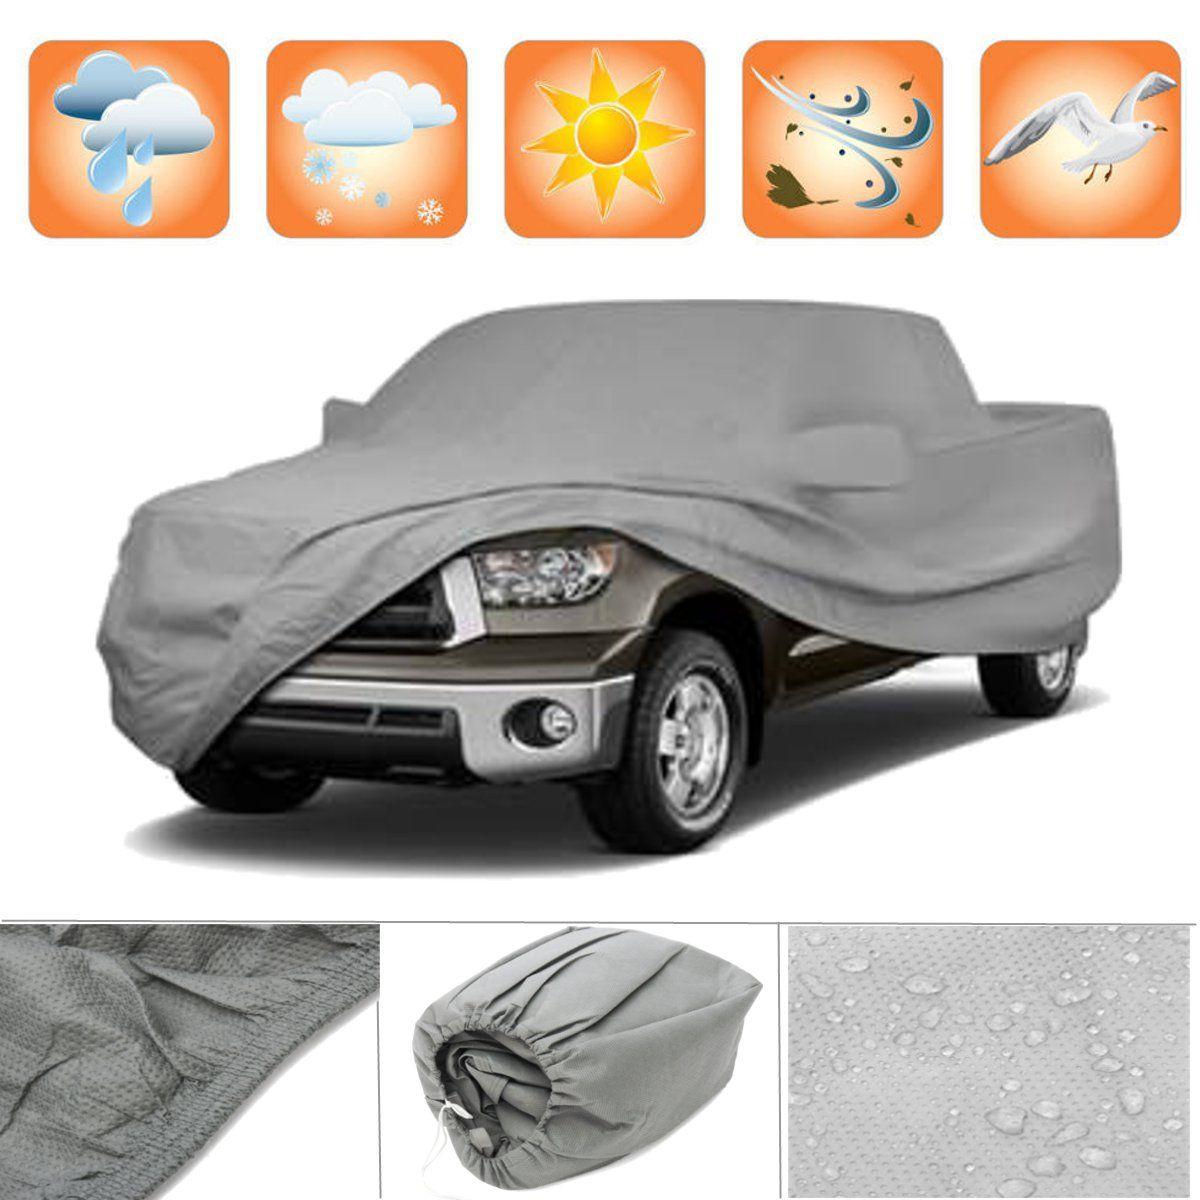 Cubierta de 3 capas Premium para camiones al aire libre